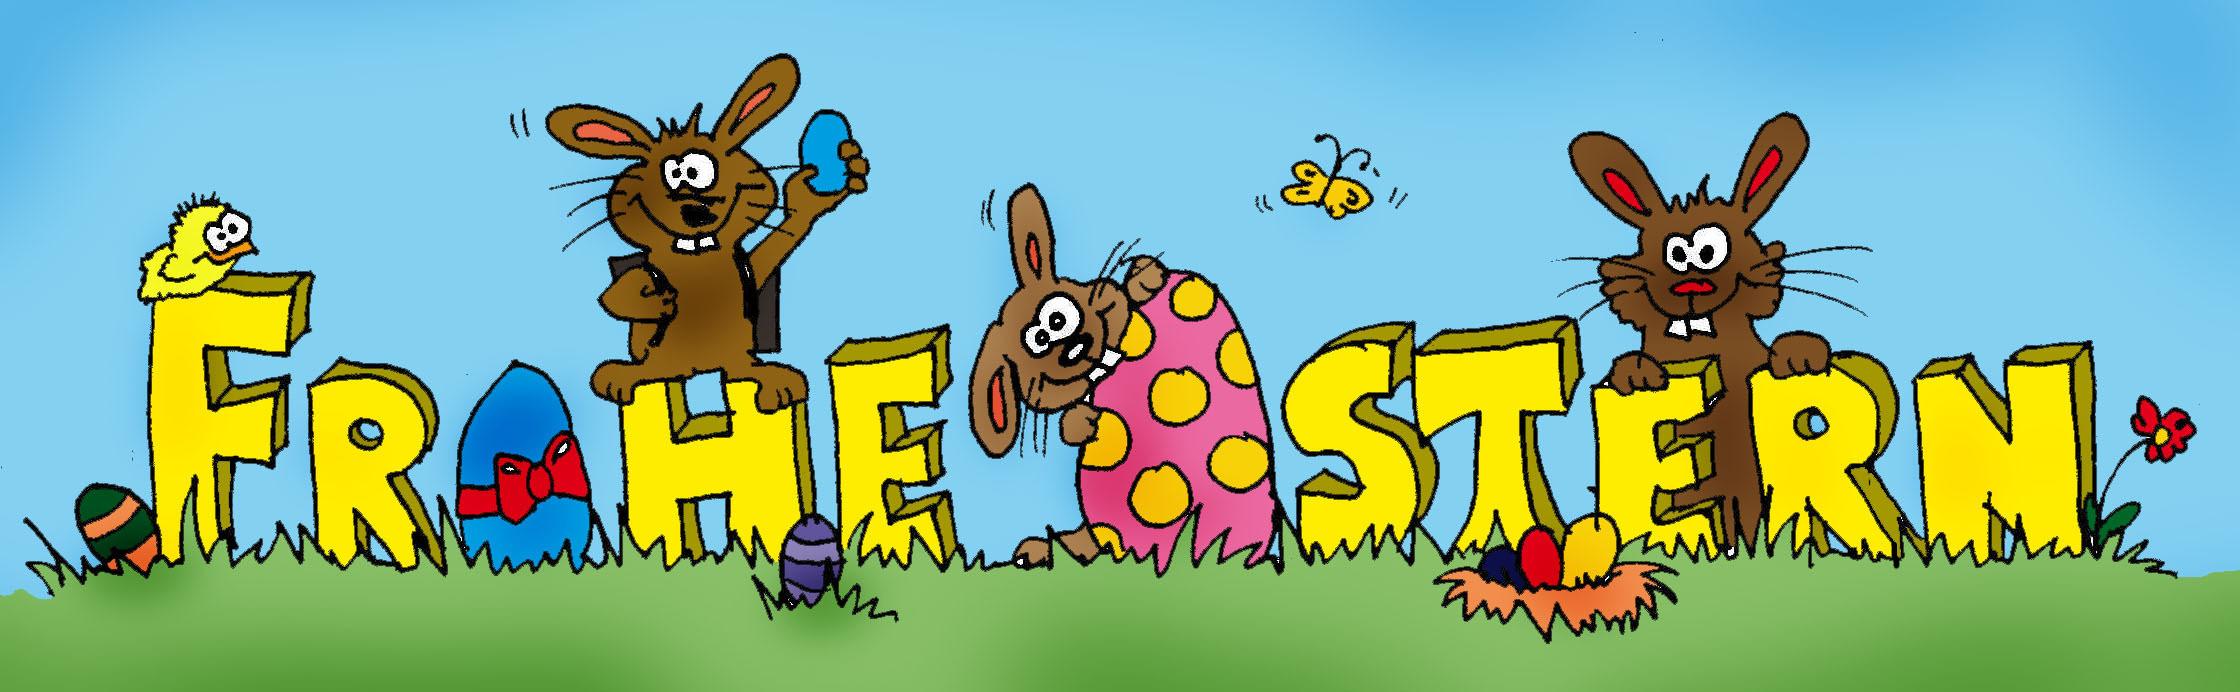 Frohe Ostern Bilder Zum Ausmalen Frisch 28 Schön Frohe Ostern Ausmalbilder Mickeycarrollmunchkin Fotografieren